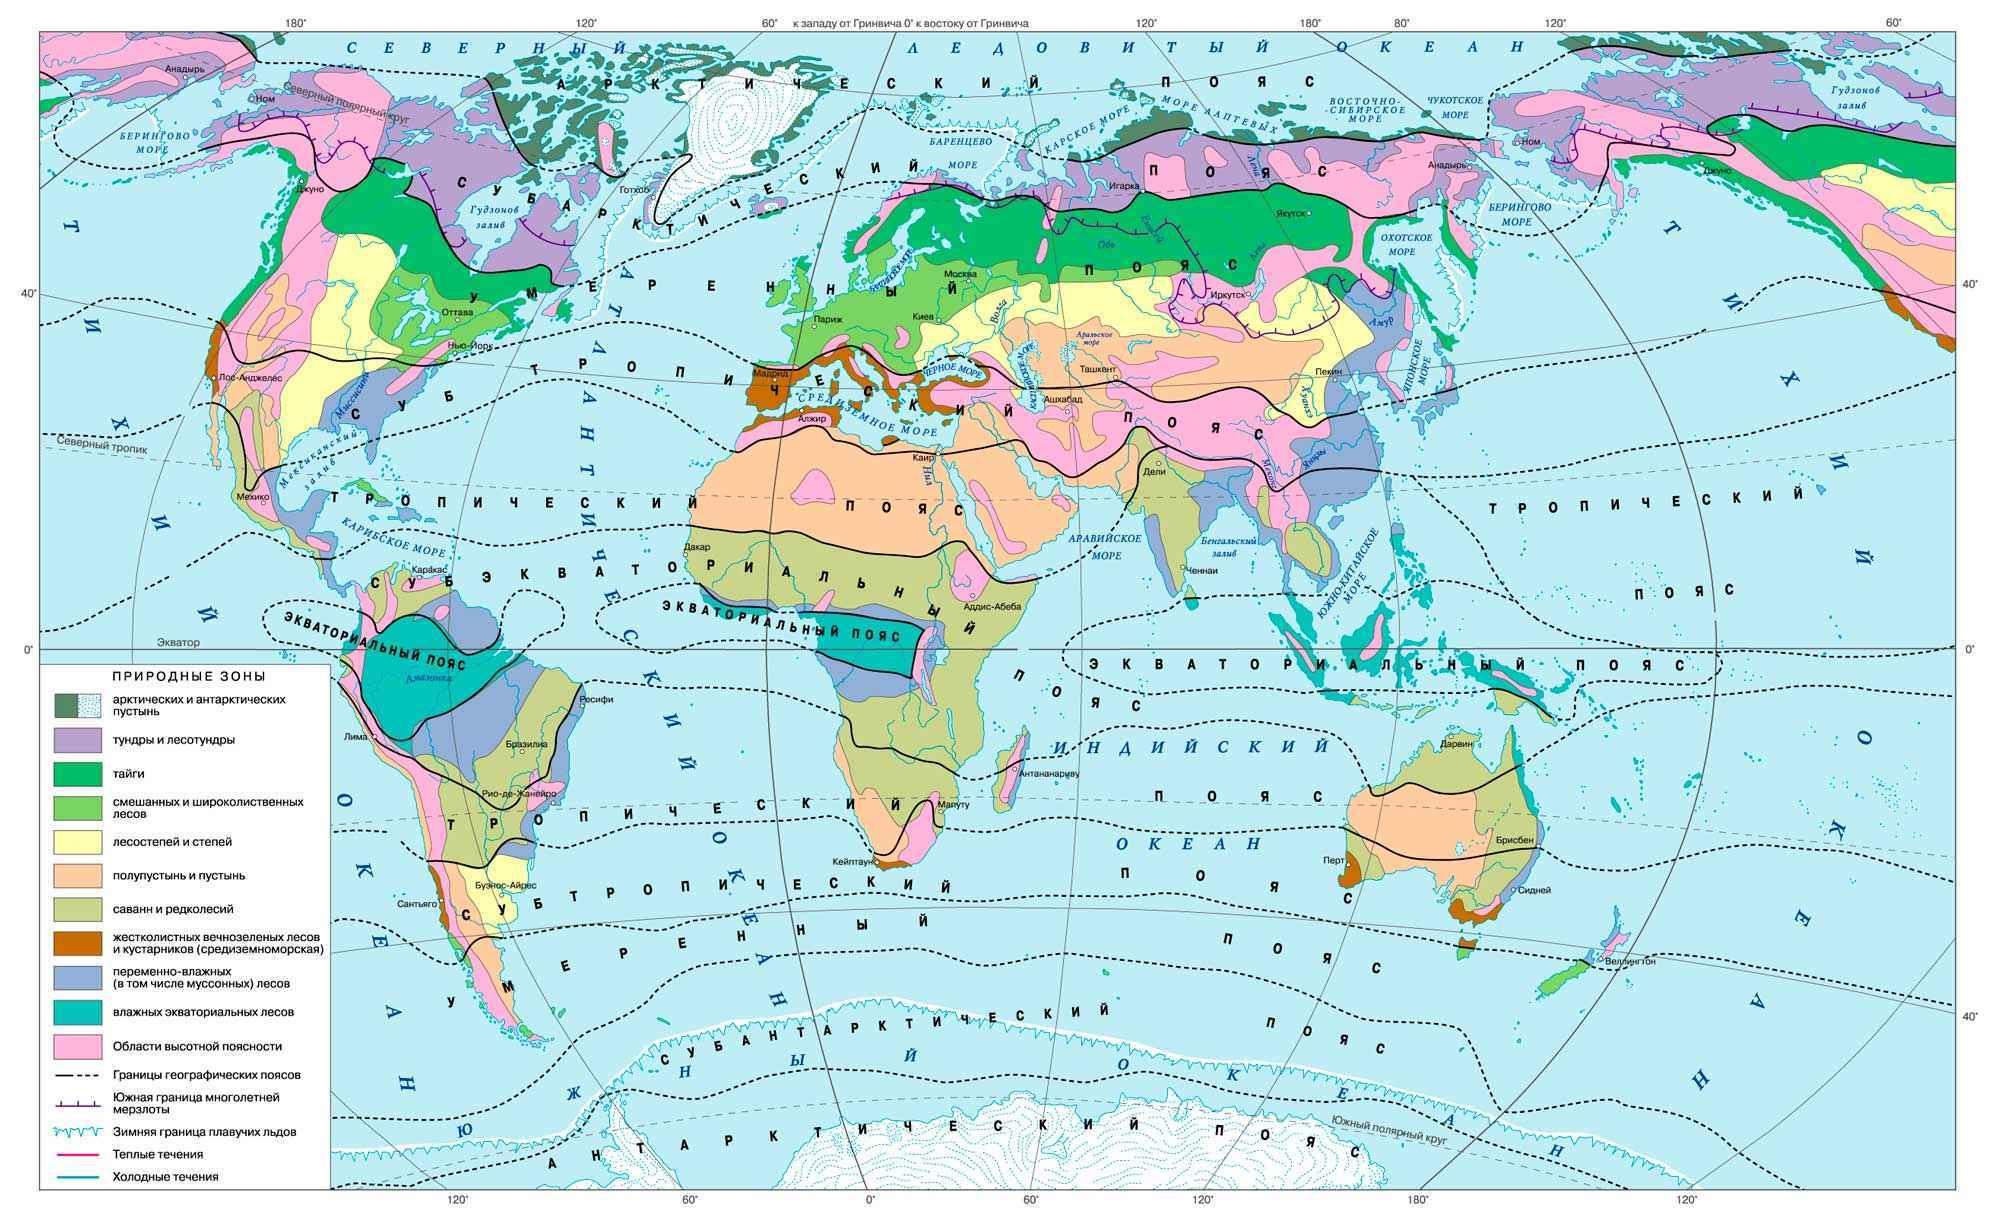 Природные зоны Земли: карта, список, характеристика и фото 2